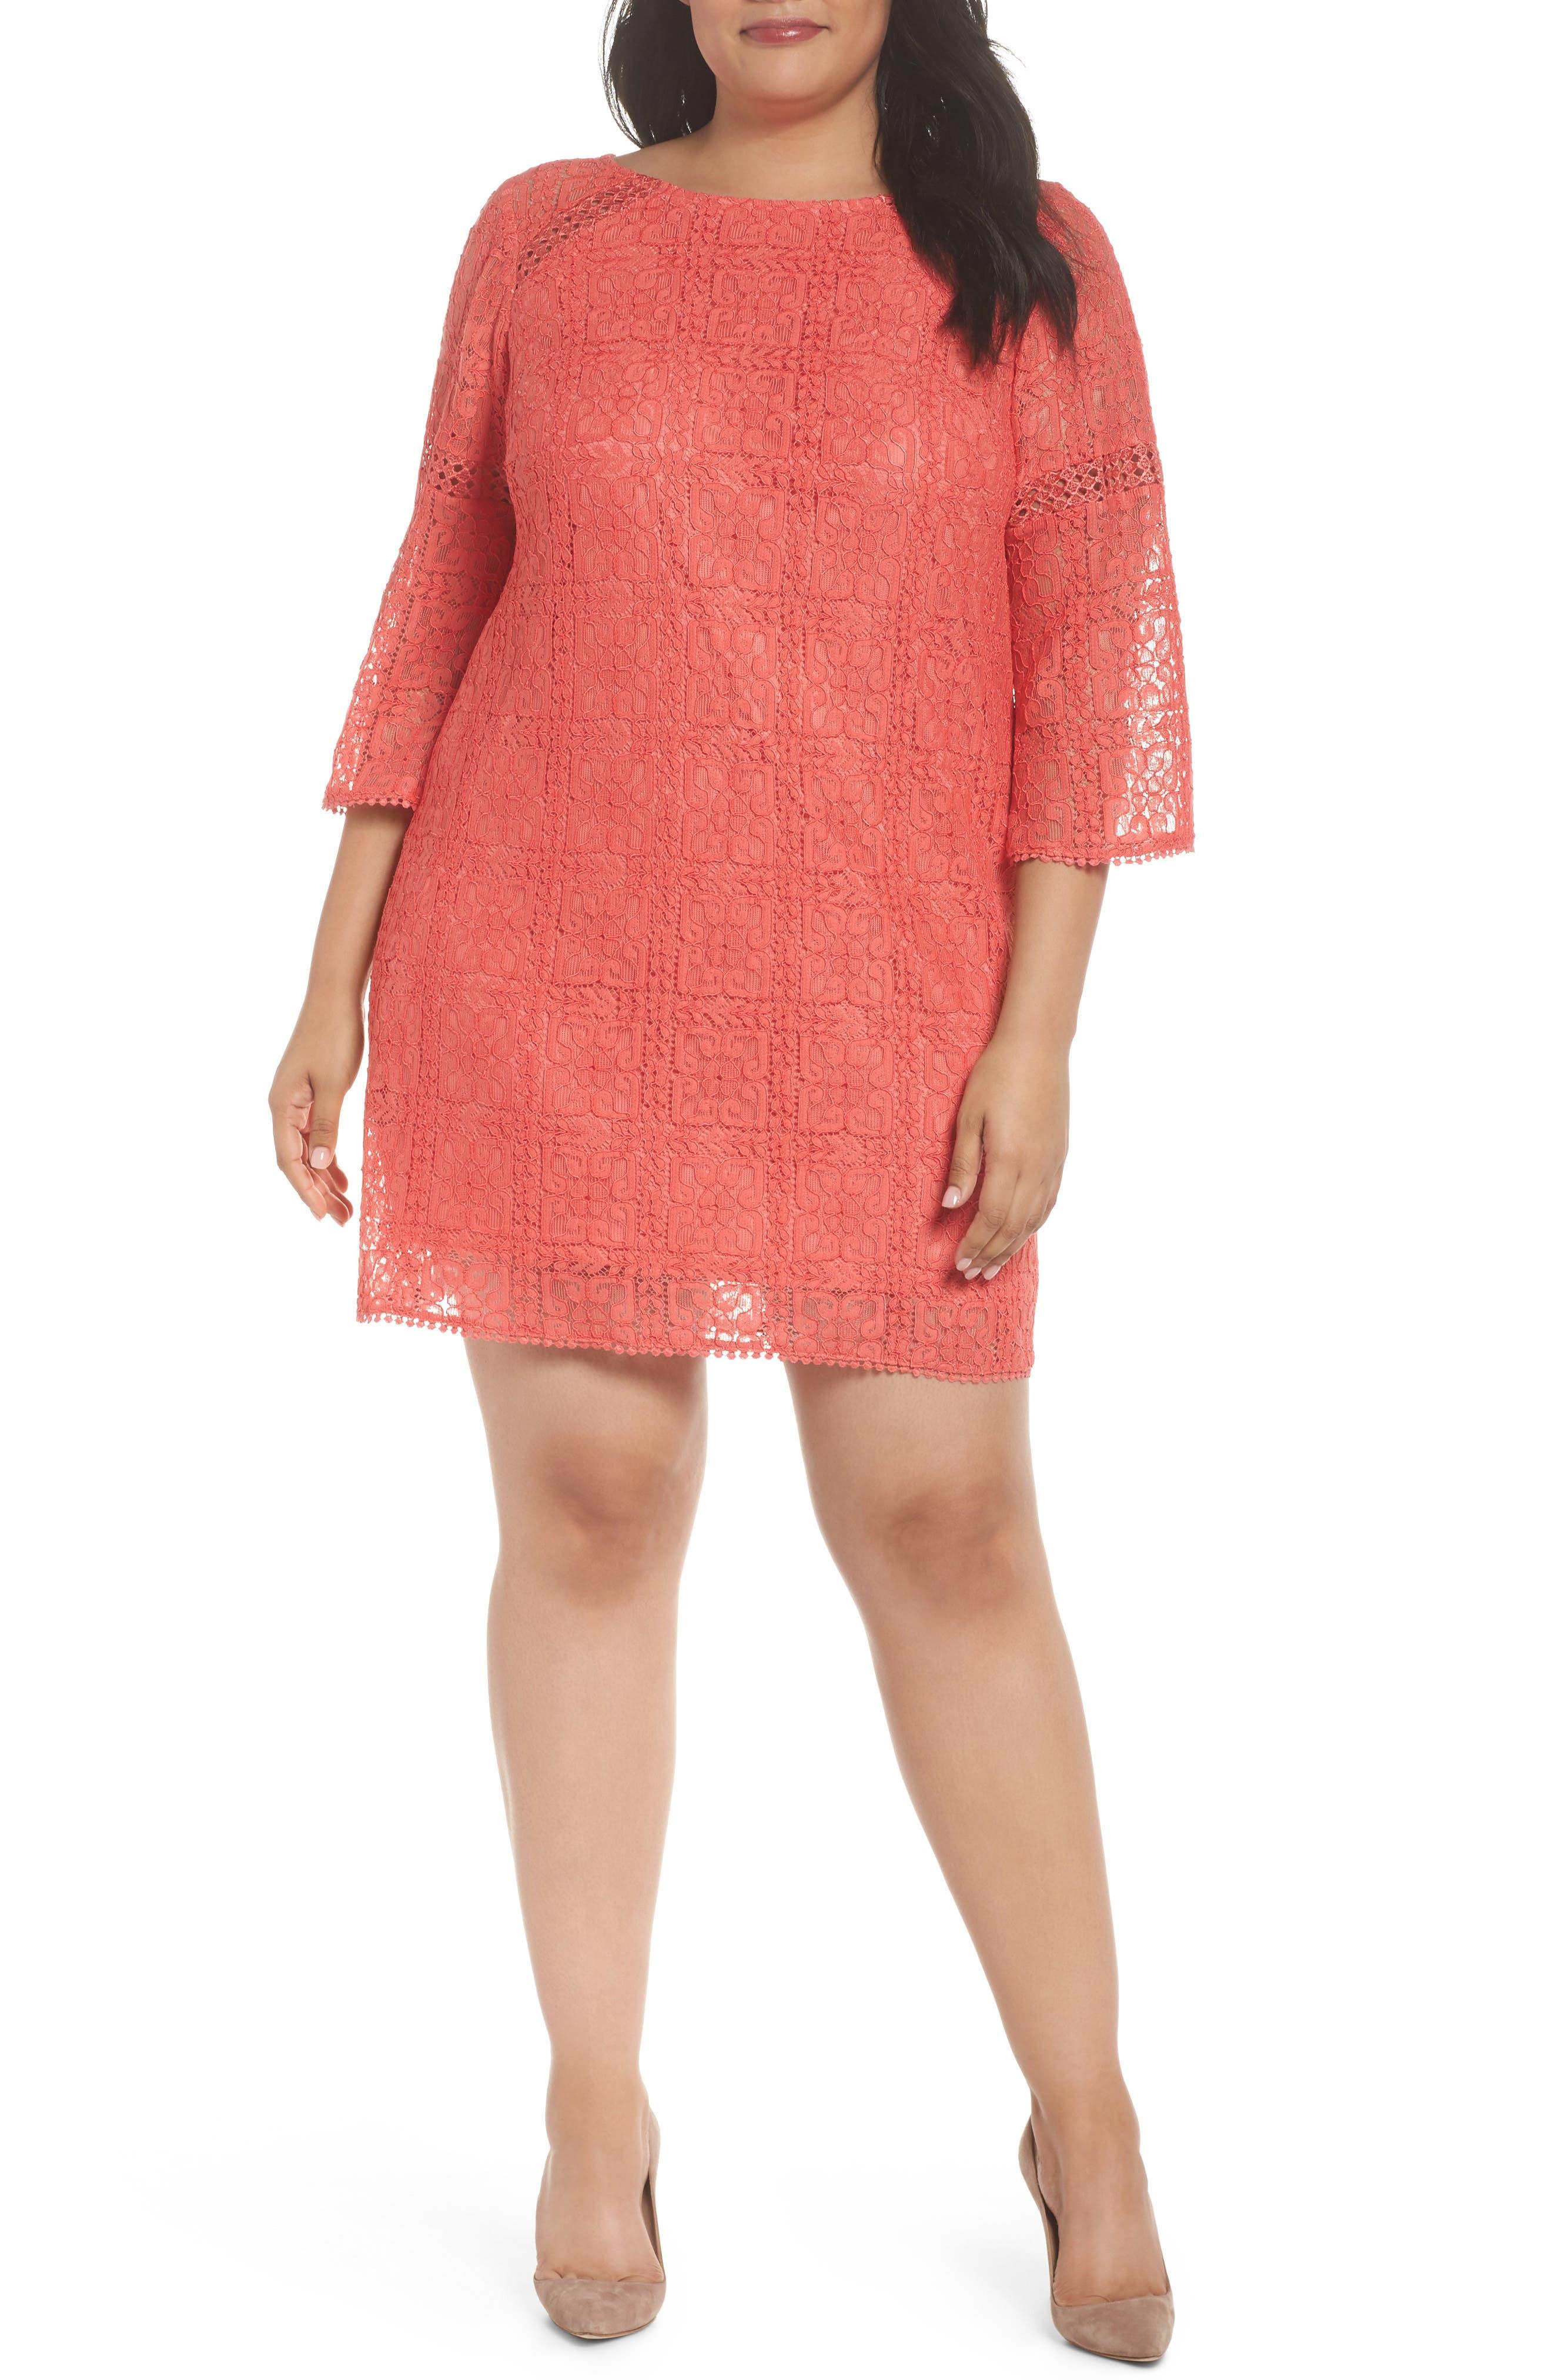 Marni Lace Shift Dress,                             Main thumbnail 1, color,                             Cruise Coral